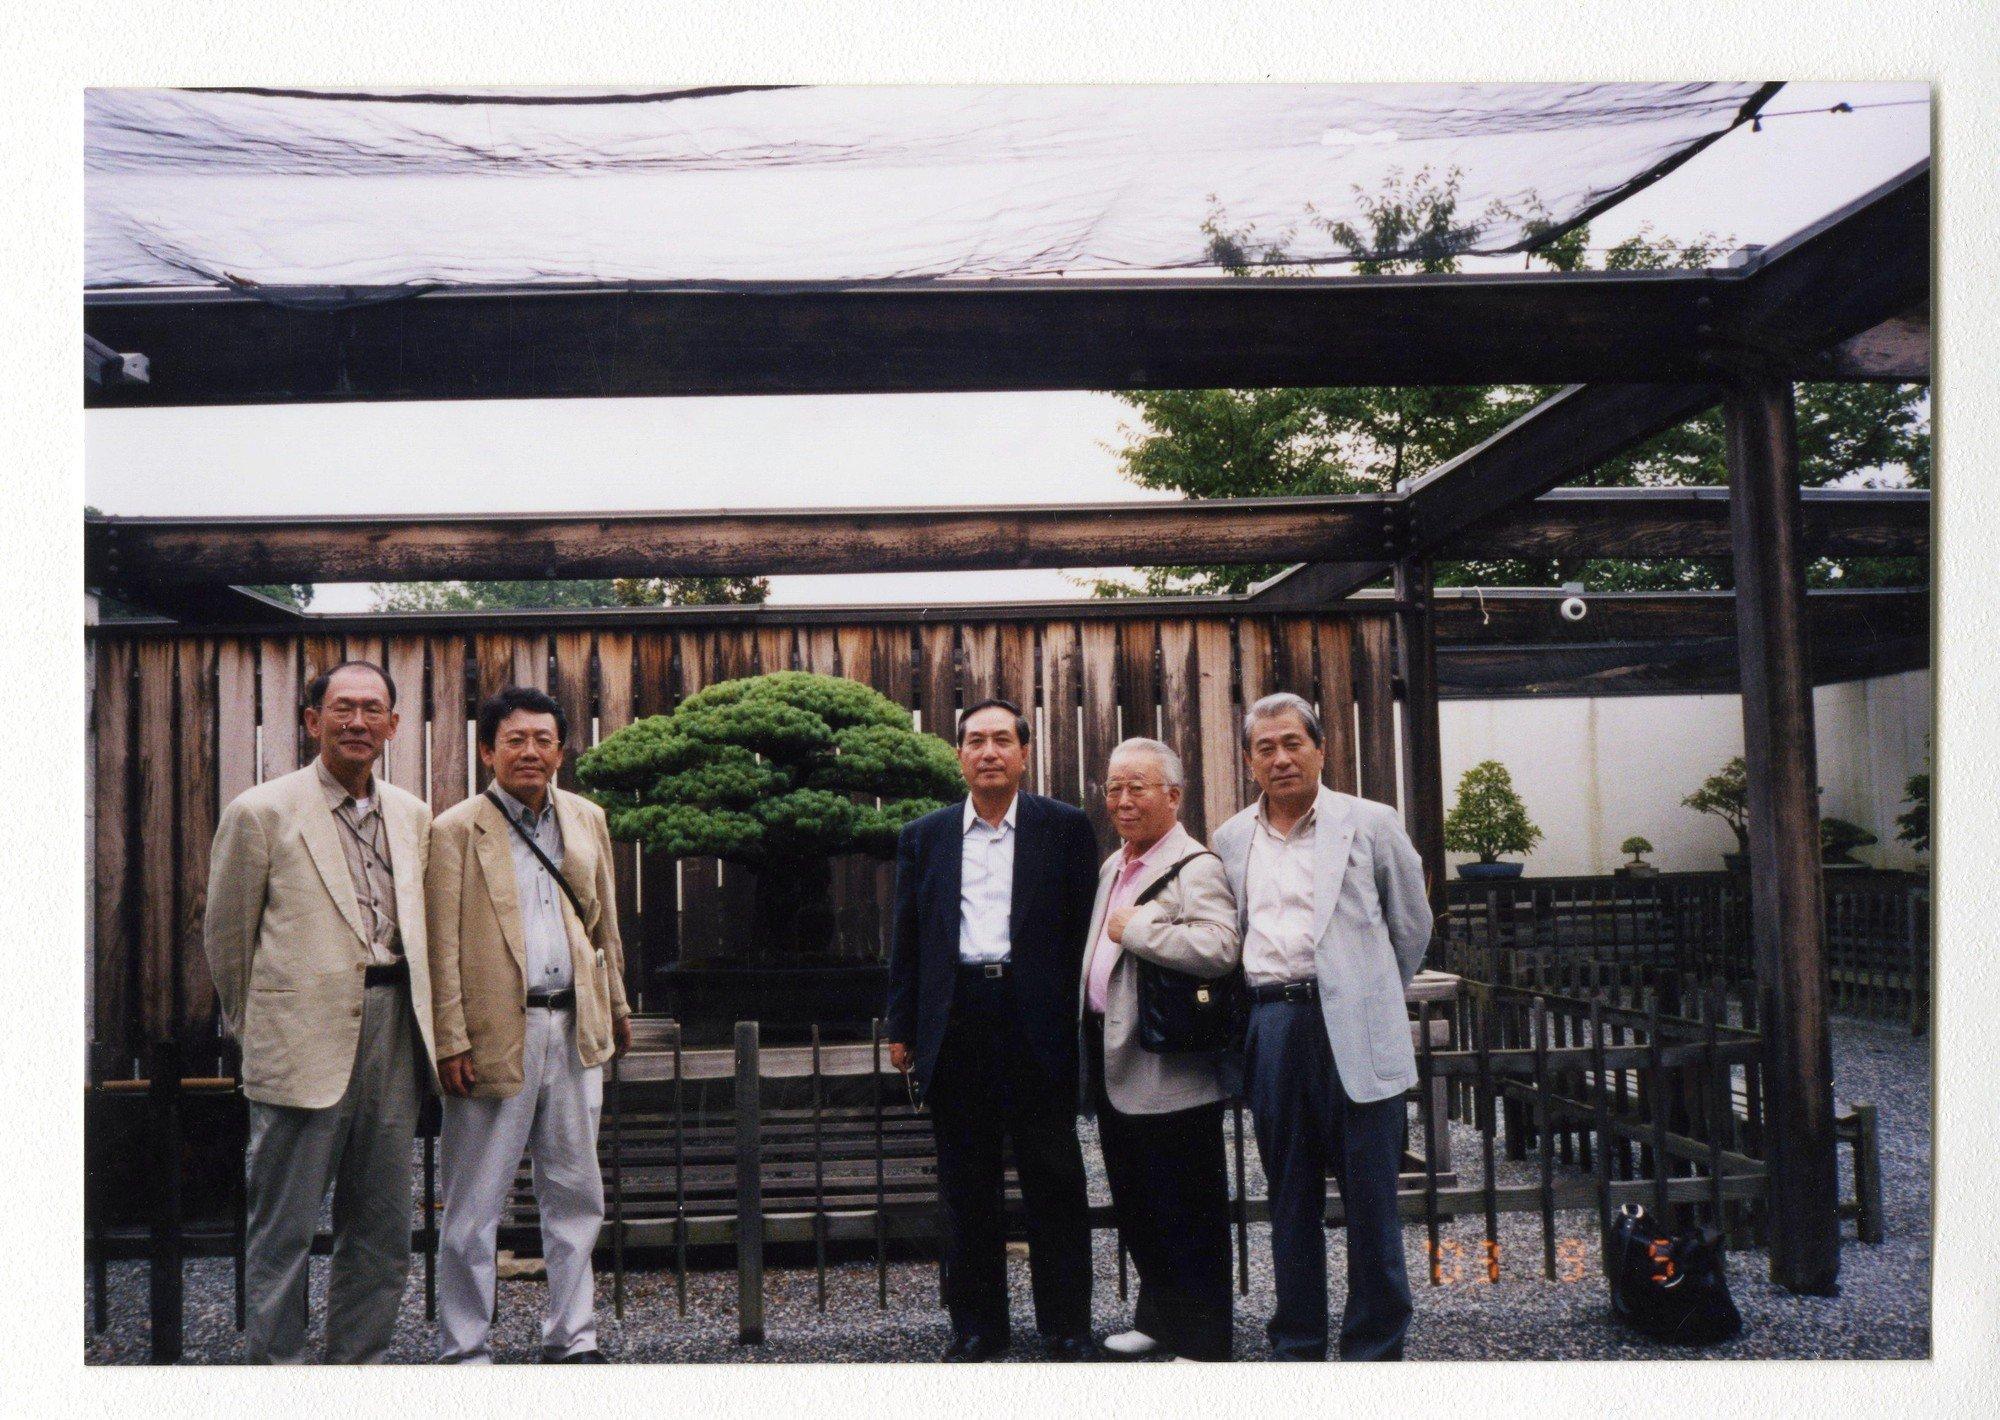 Câu chuyện của cây bonsai Nhật Bản 400 tuổi vẫn sống sót sau khi bom nguyên tử thả xuống Hiroshima 9